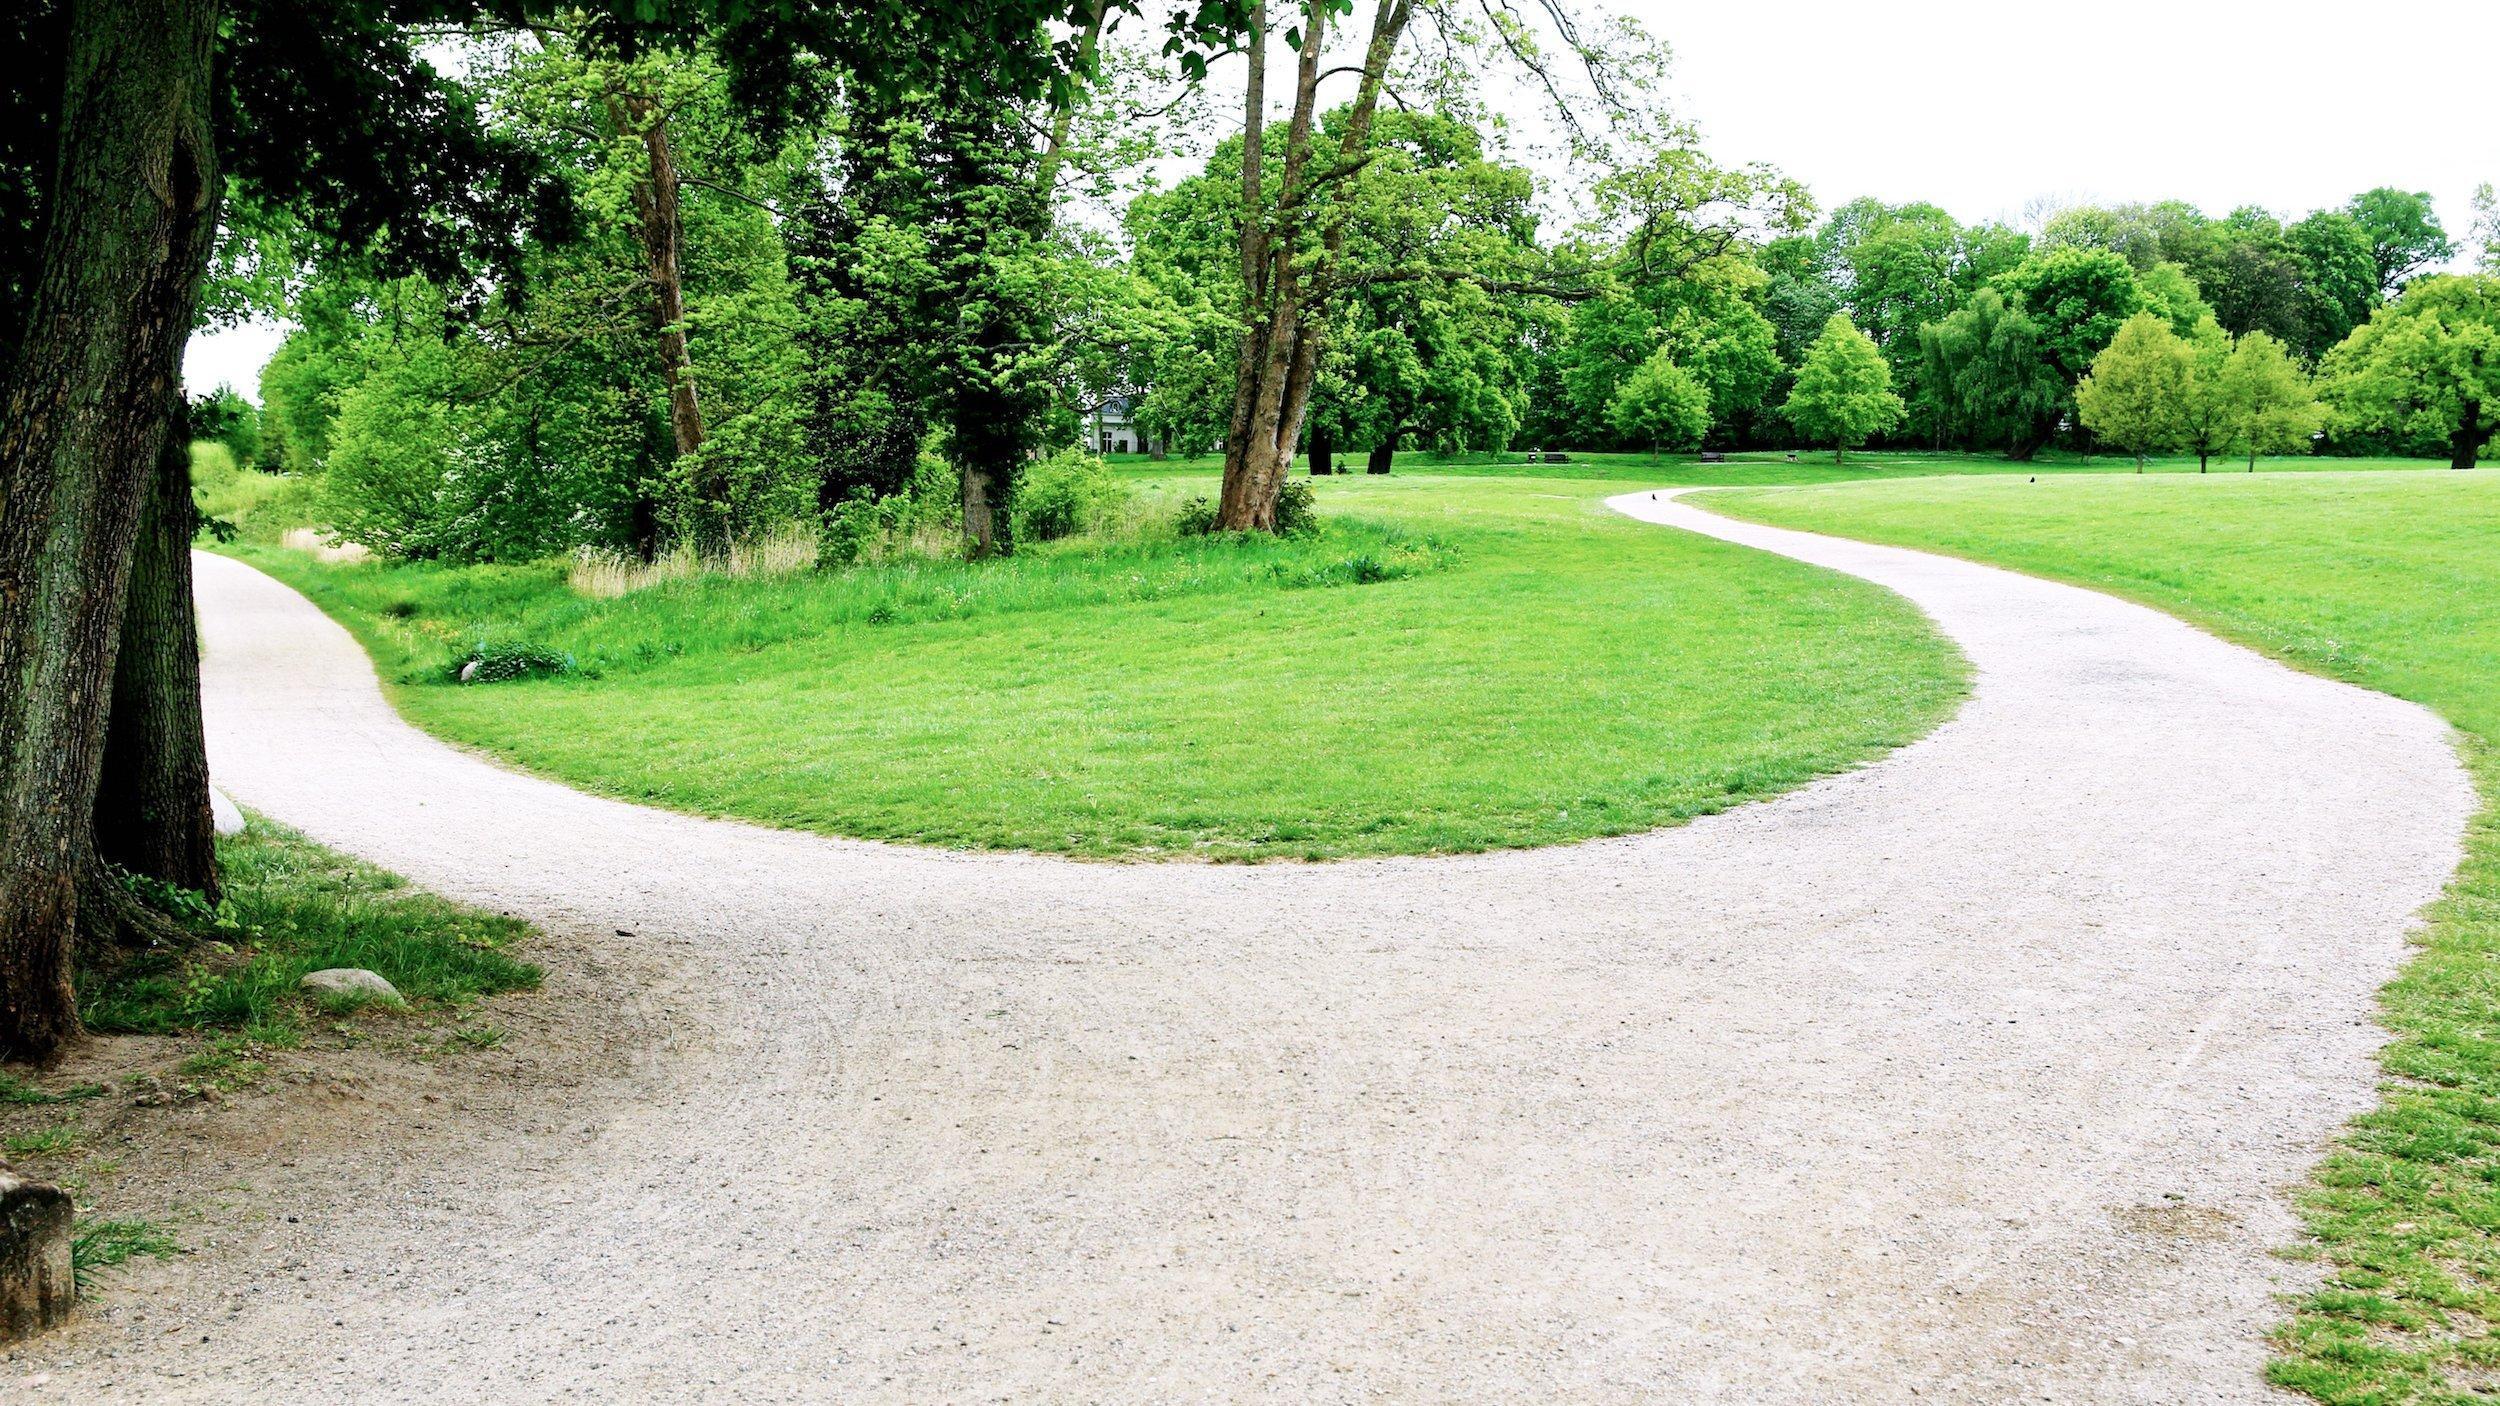 Das Bild zeigt eine Weggabelung in einen Park. Der Pfad nach rechts führt in sanften Rundungen einen kleinen Hügel hinauf, der Pfad links biegt um einen Baum leicht nach unten und führt dann gerade und eben weiter, bis er außerdem Sicht gerät.